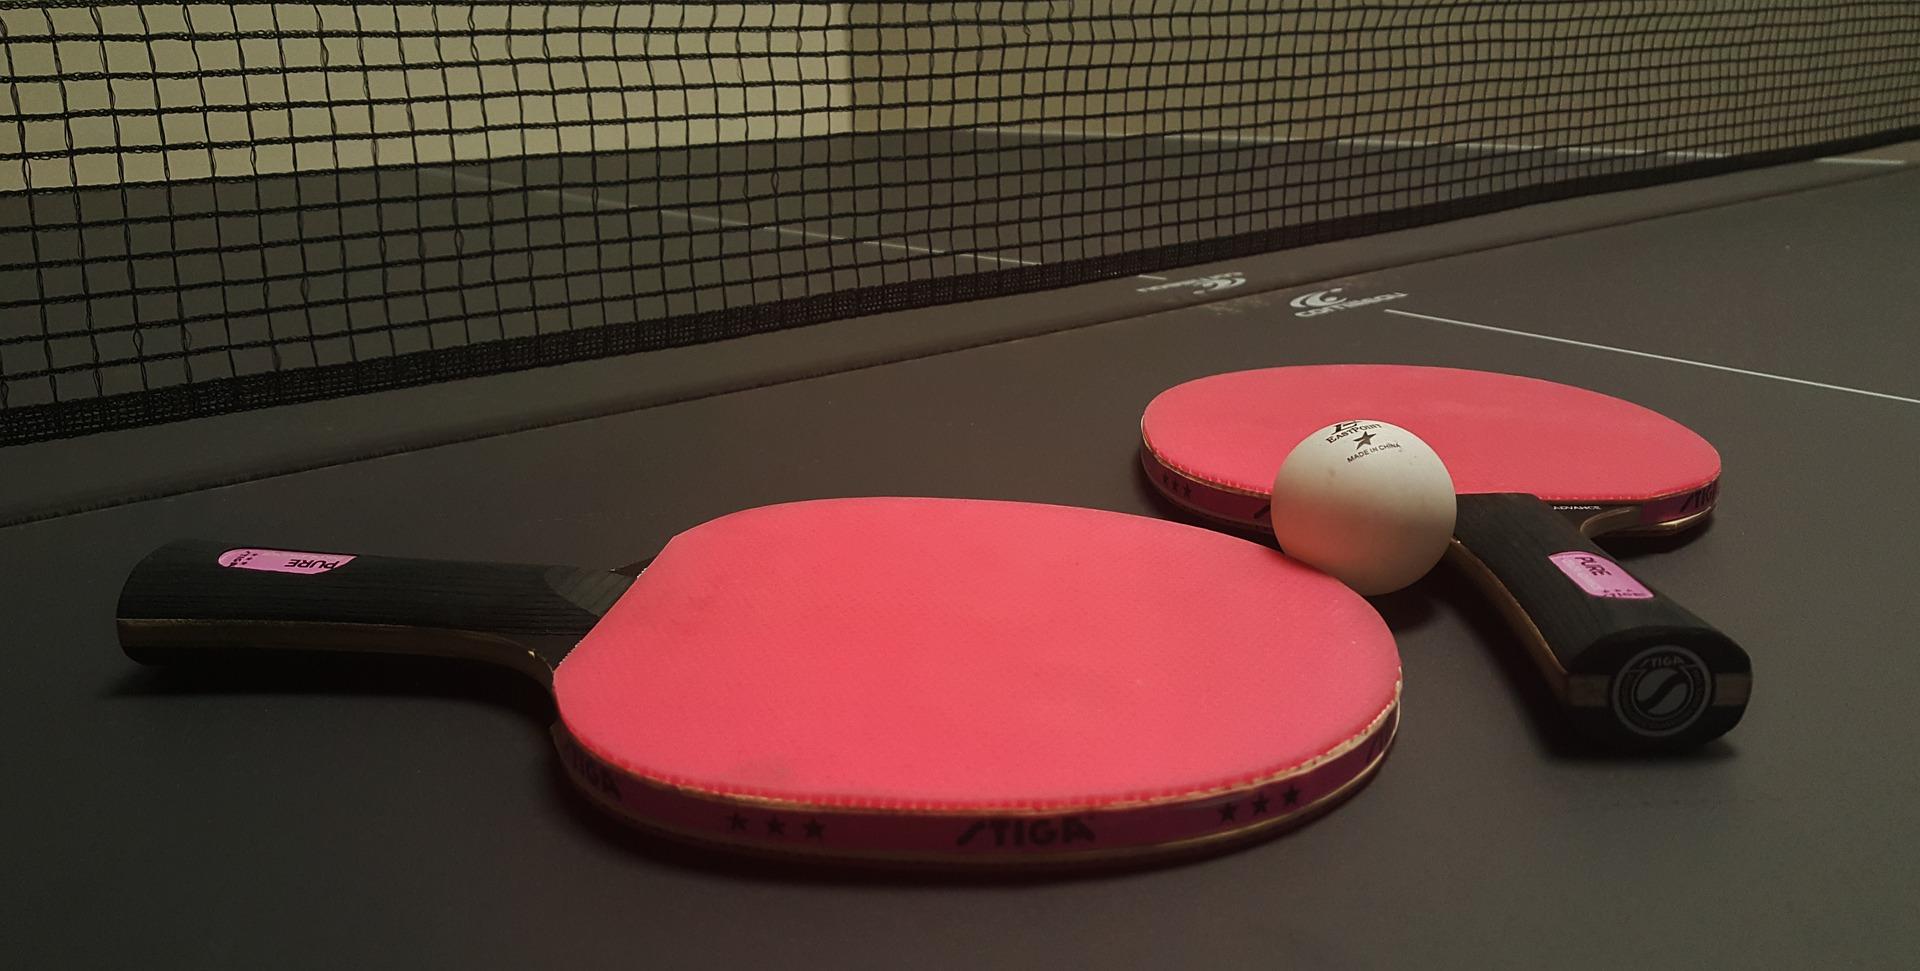 Ingolf Derkow Tischtennis Schläger und Ball